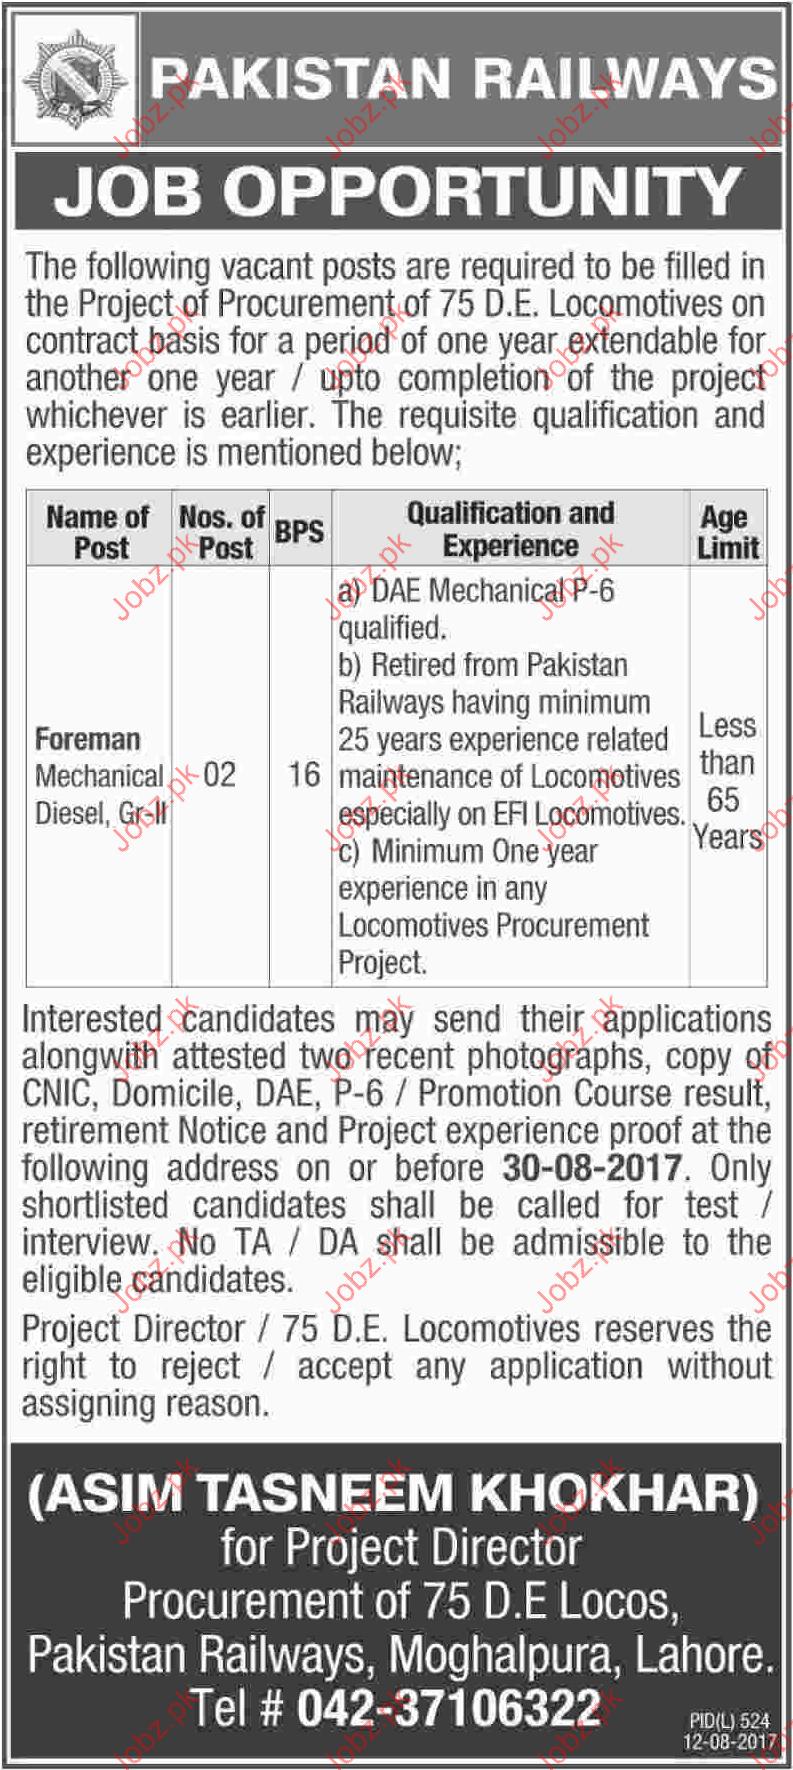 Pakistan Railways Required Foreman Mechanical Diesel